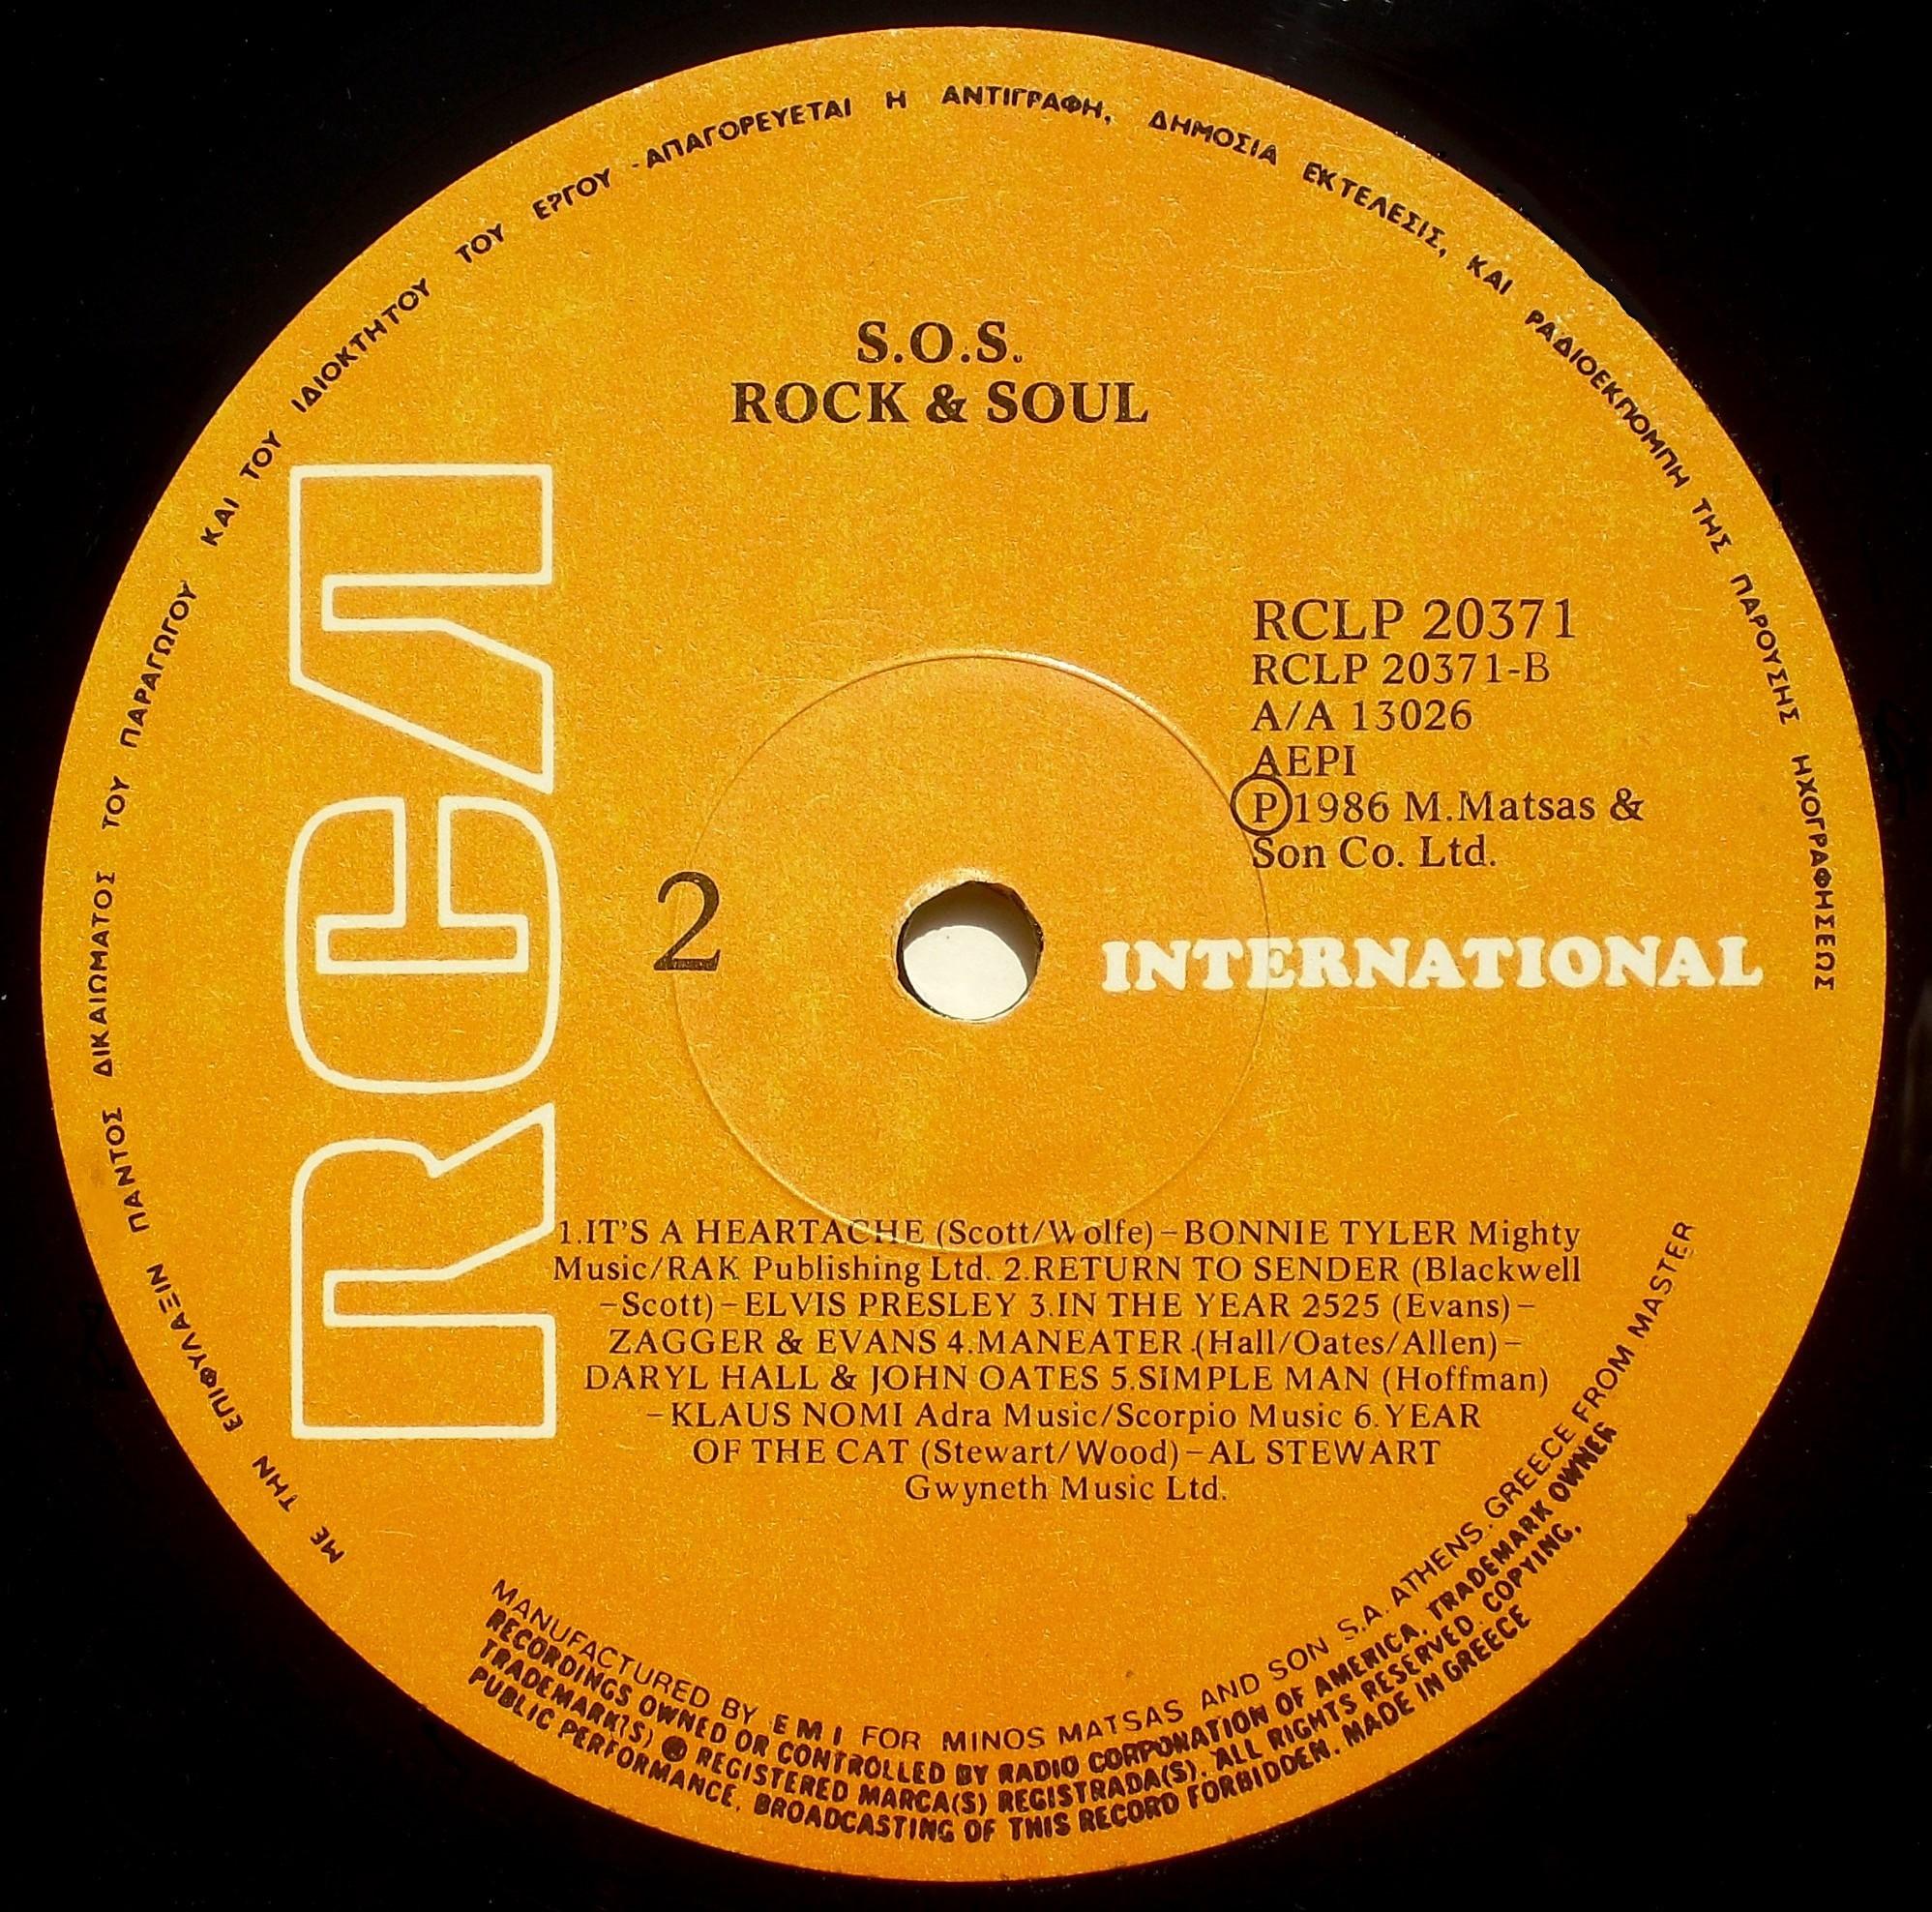 v.a. - S.O.S. ROCK & SOUL 03brwxh6